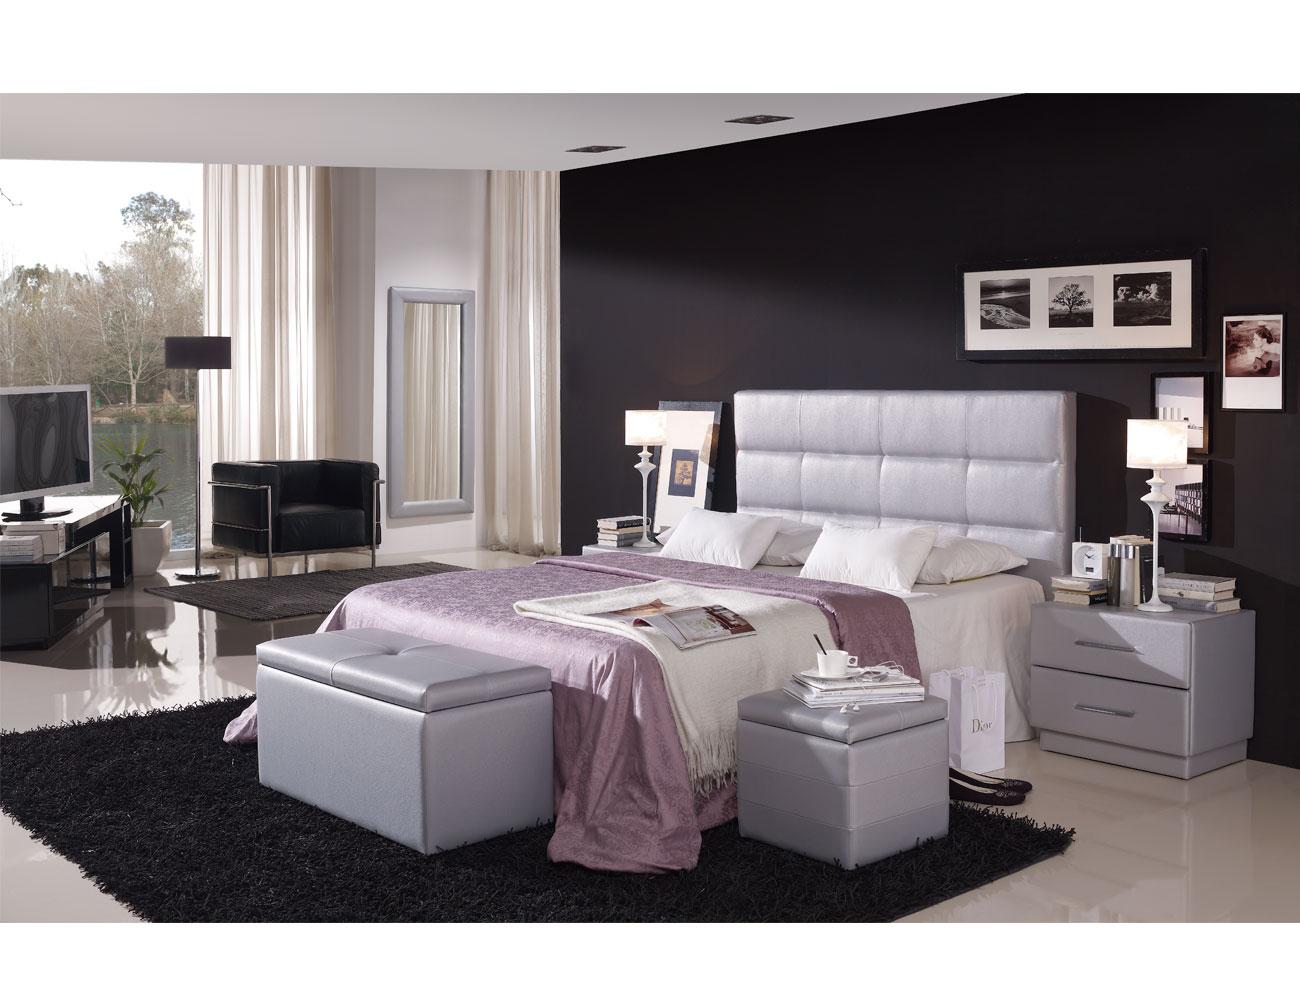 23 marco tapizado dormitorio925